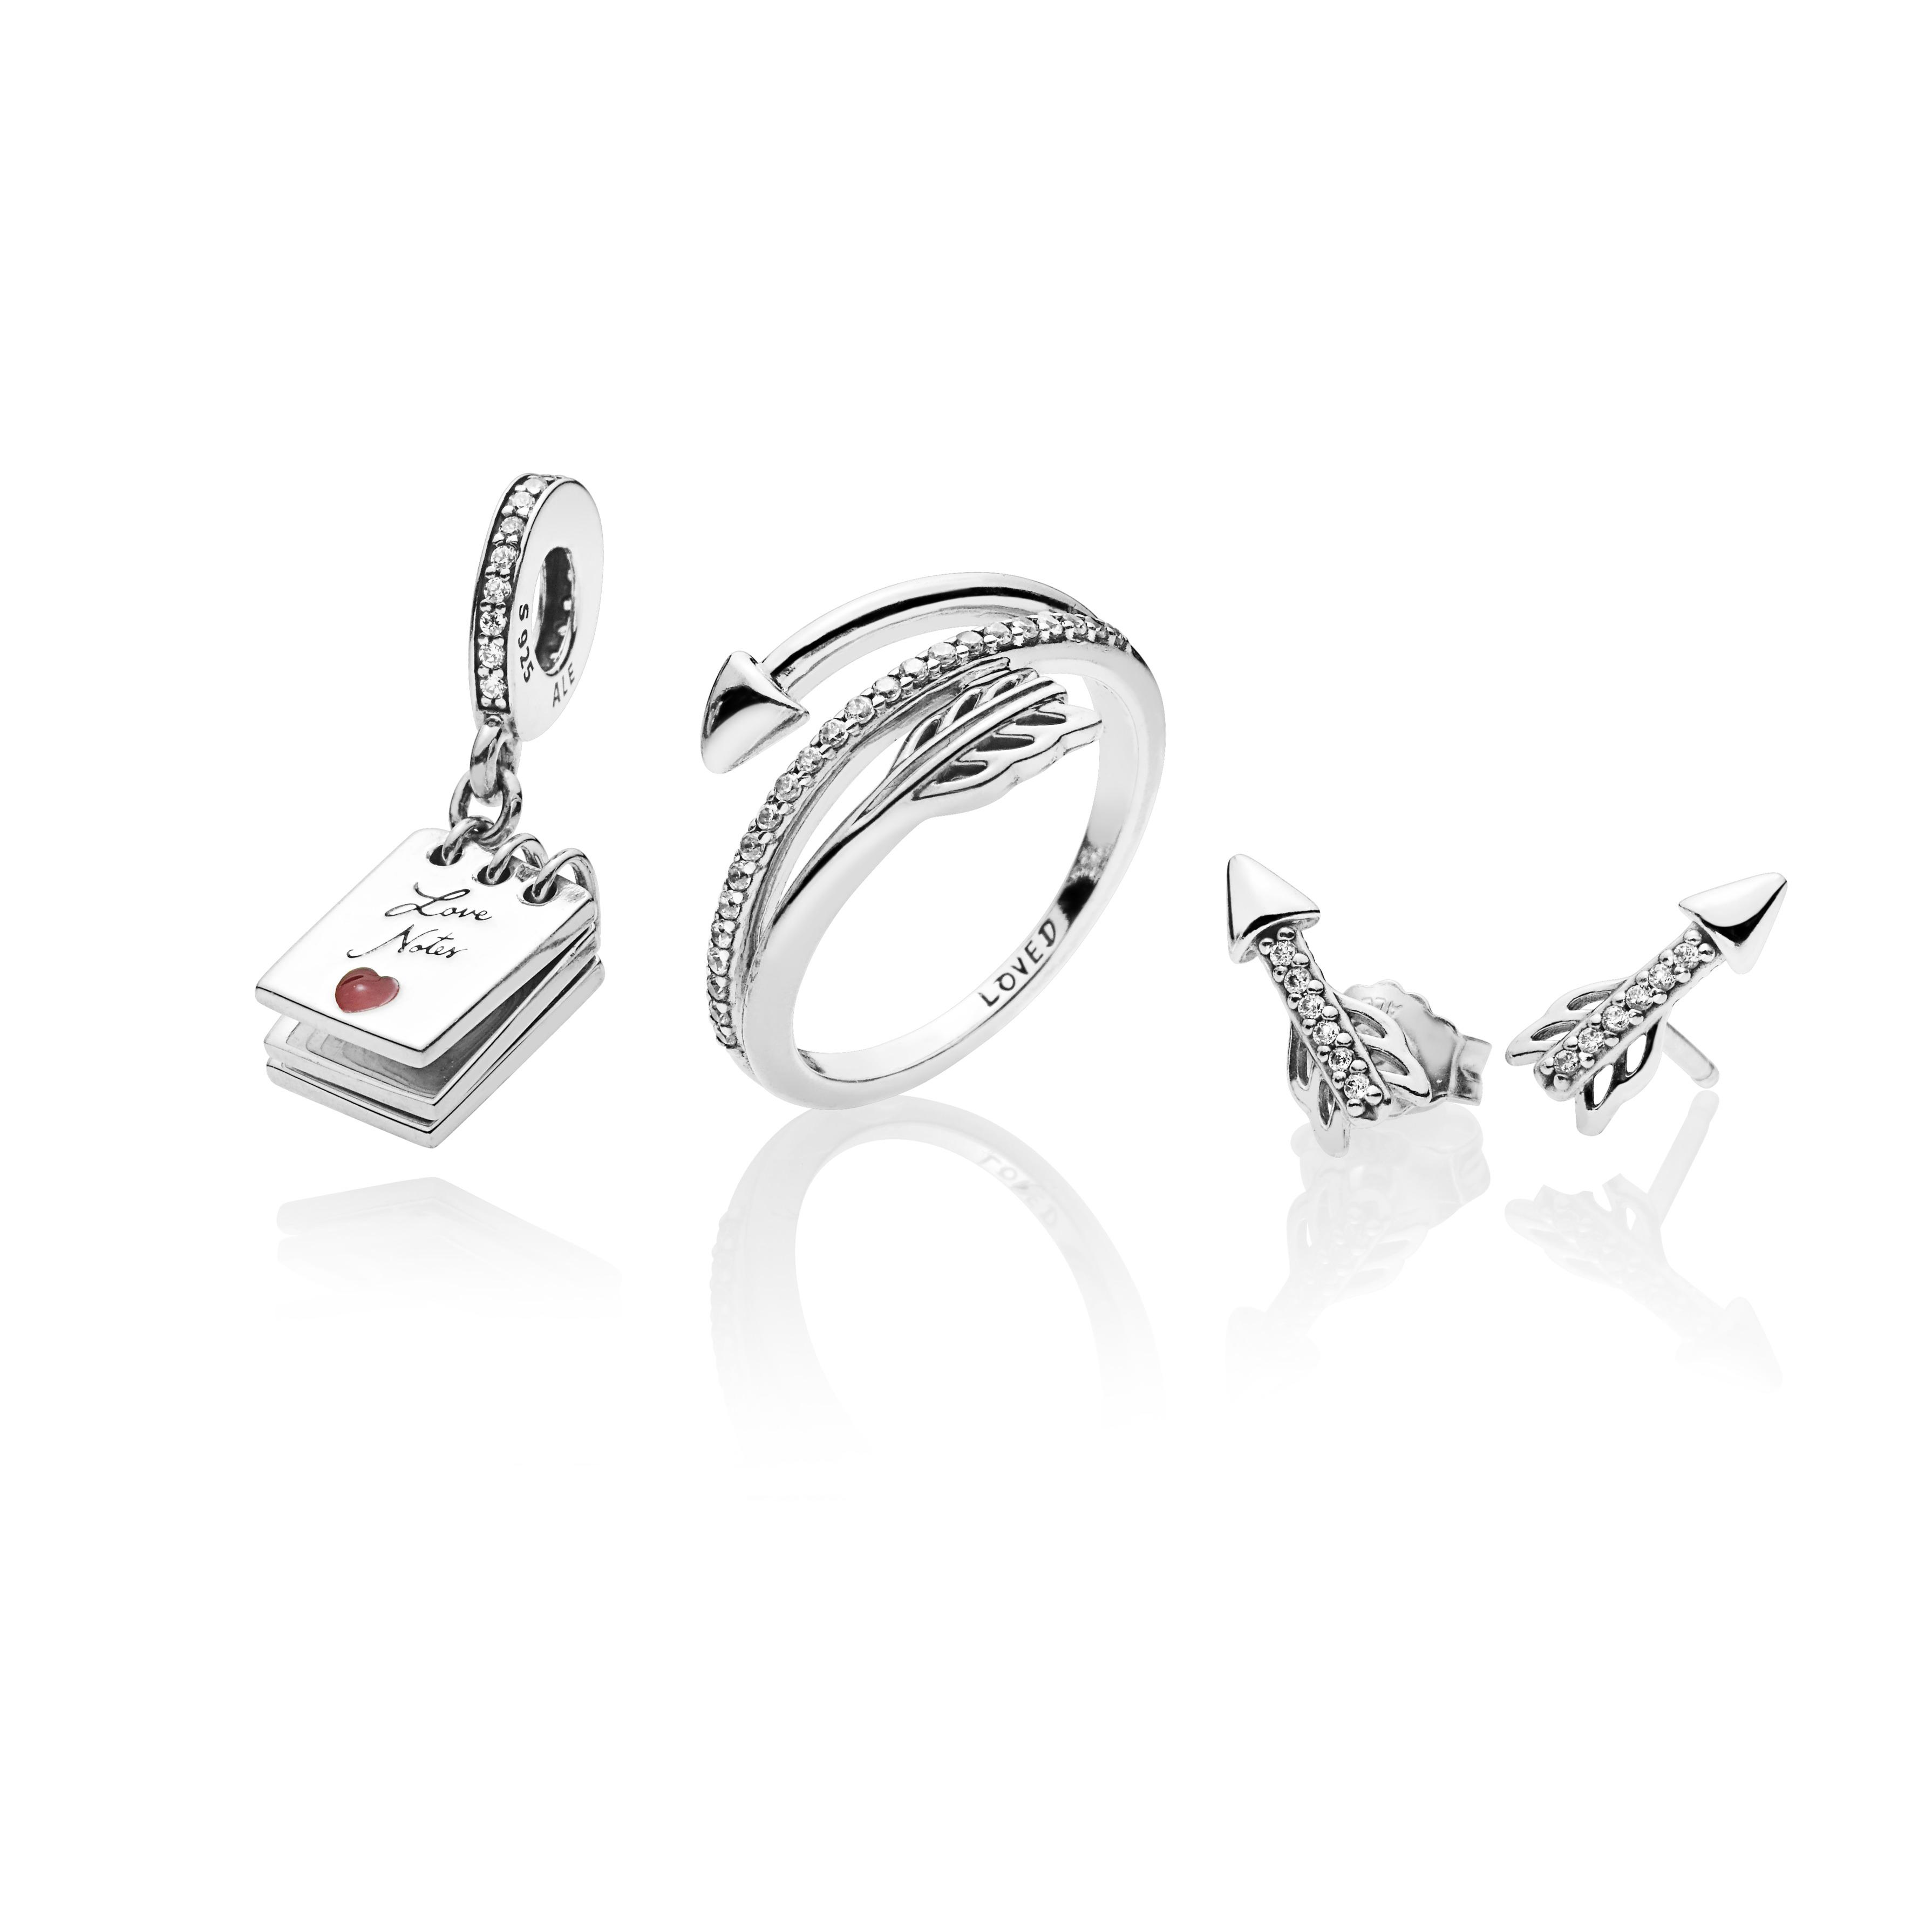 De la colección de Pandora exclusiva para San Valentín,  sortija y pantallas Sparkling Arrow, si quieres hacer de Cupido. Charm de Love Notes en plata esterlina y zirconia.